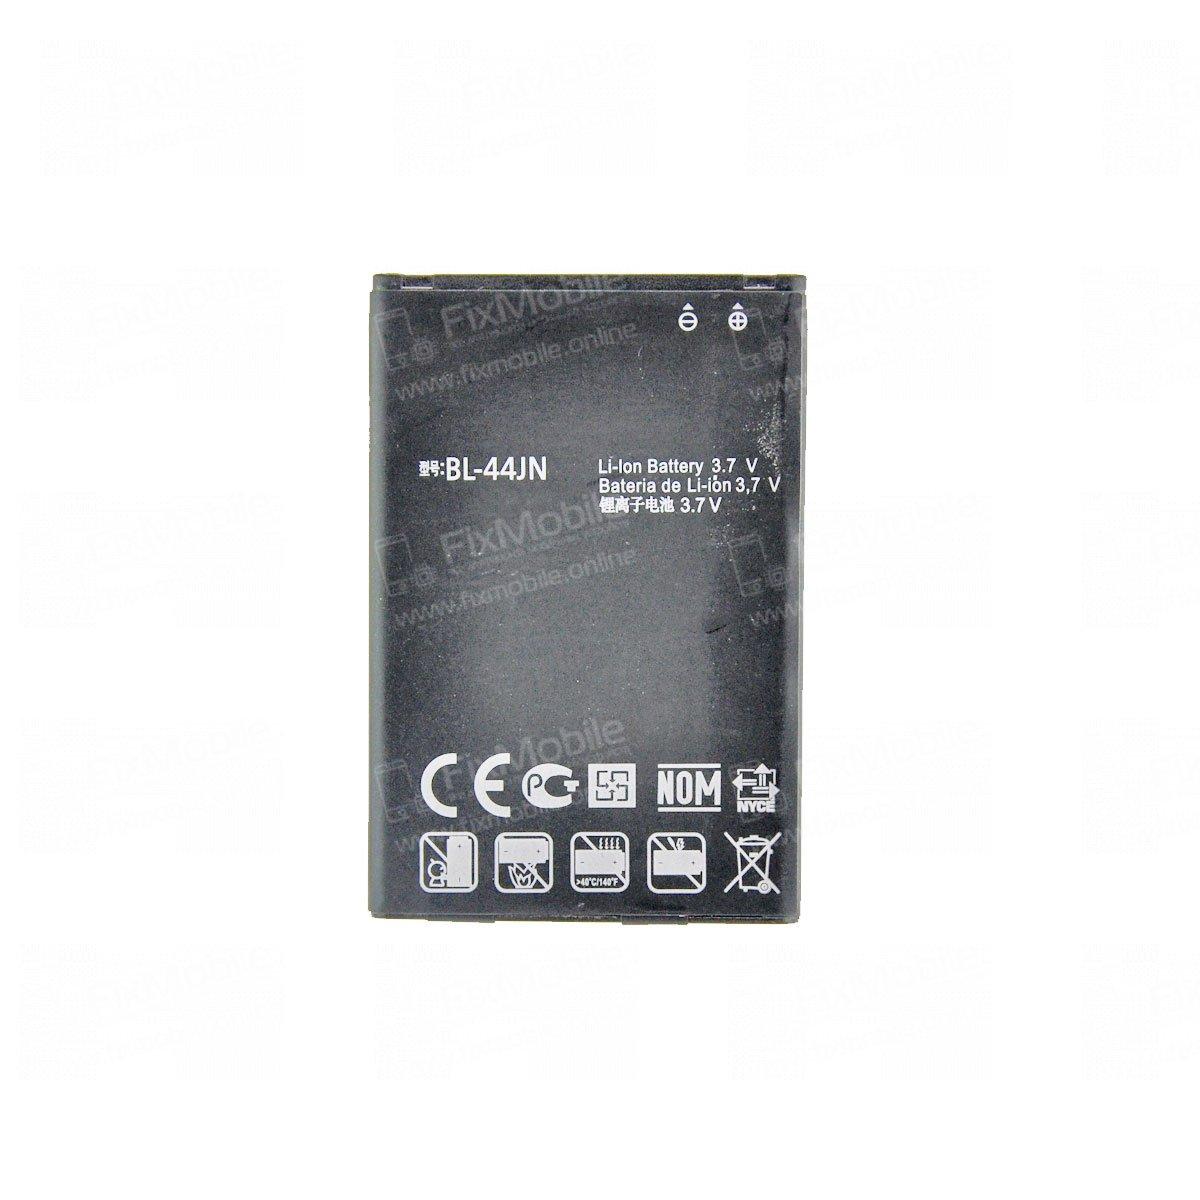 Аккумуляторная батарея для LG Optimus net (P692) BL-44JN